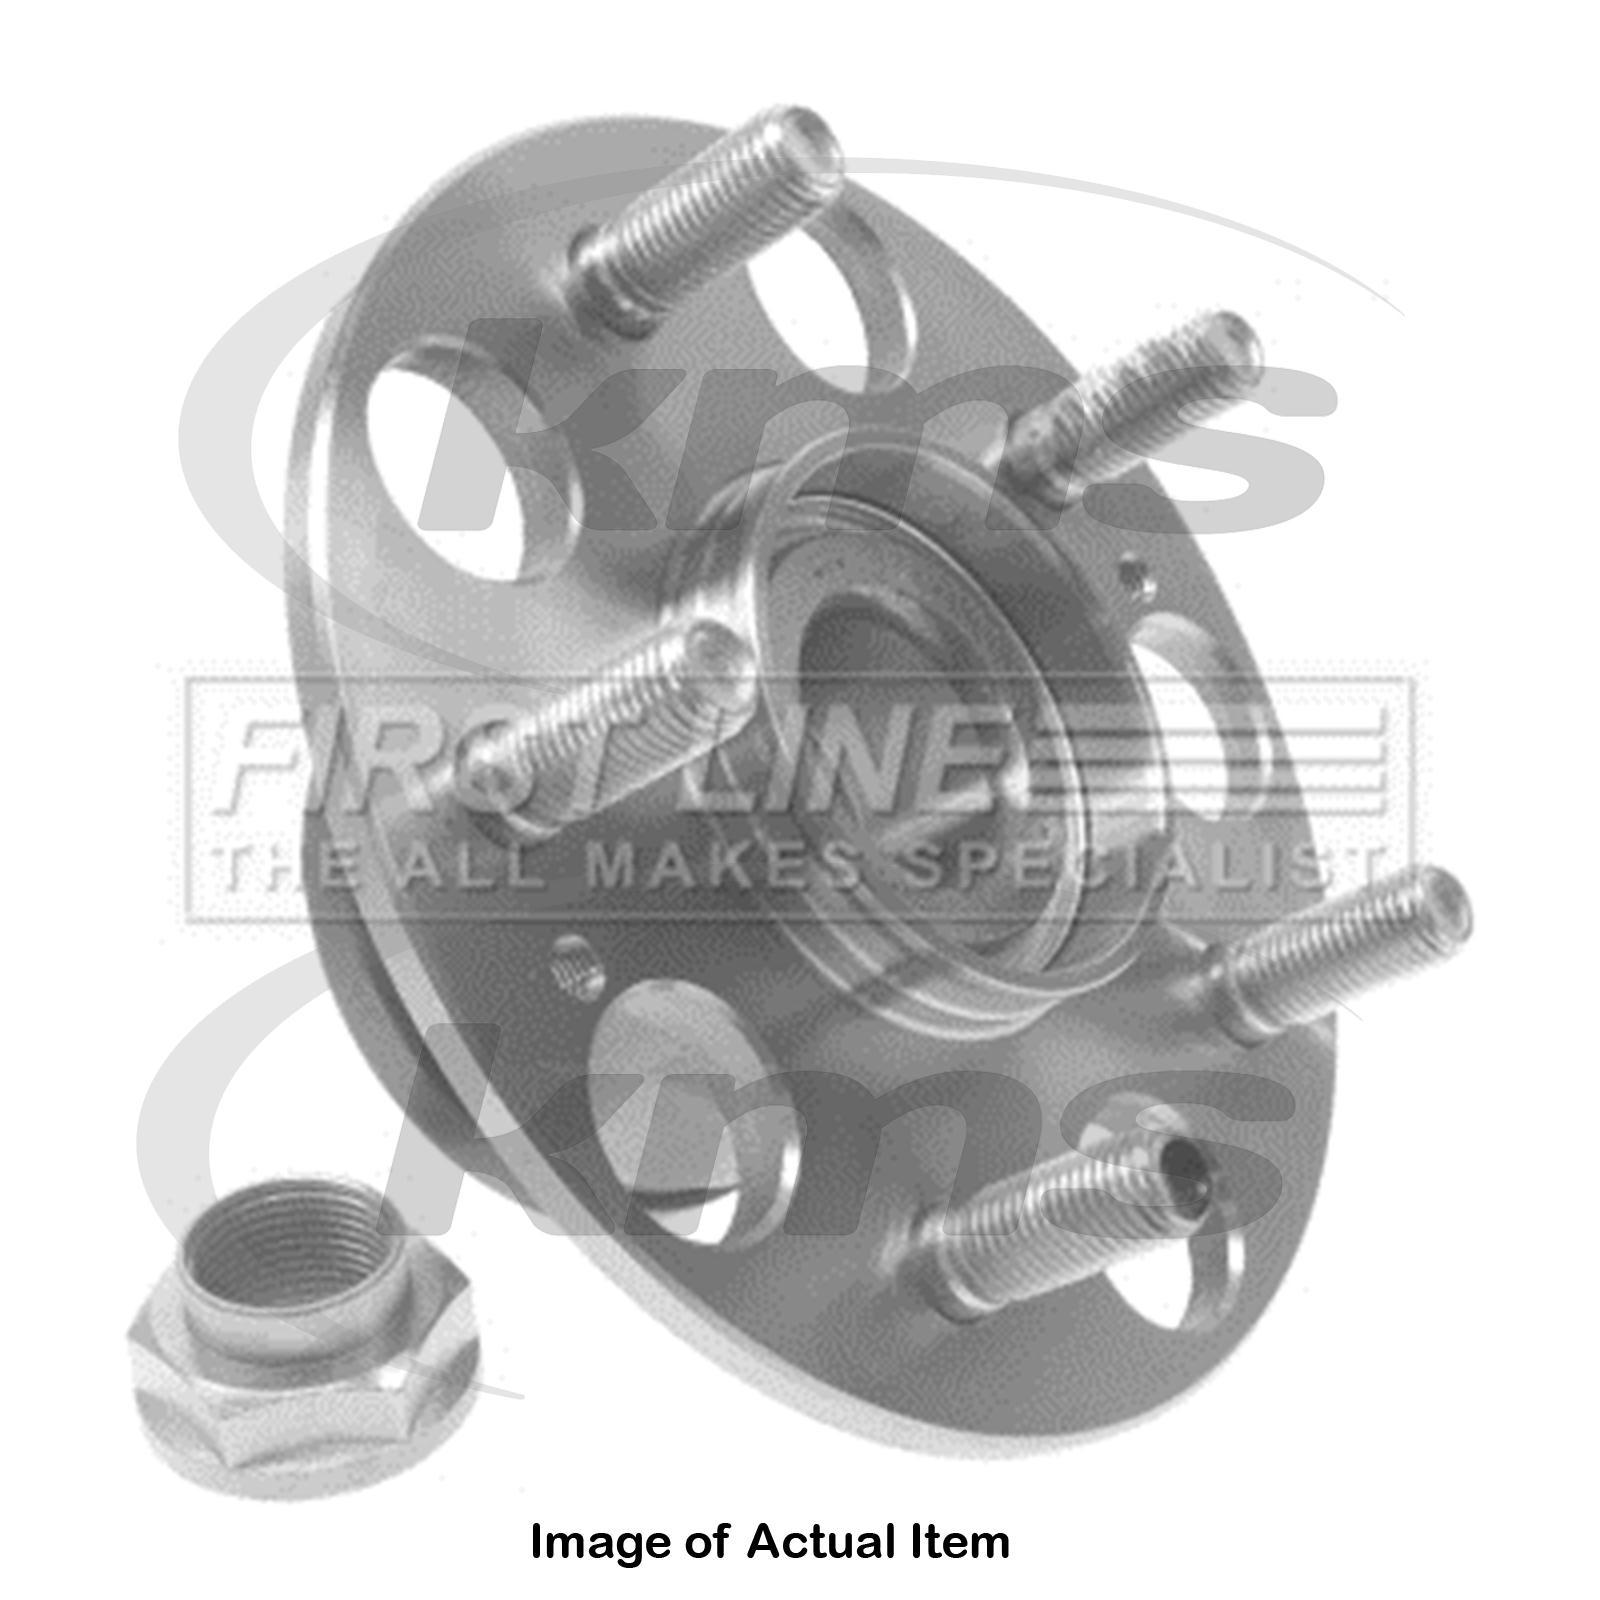 IPS PART iub-10431/Kit Rear Wheel Bearing